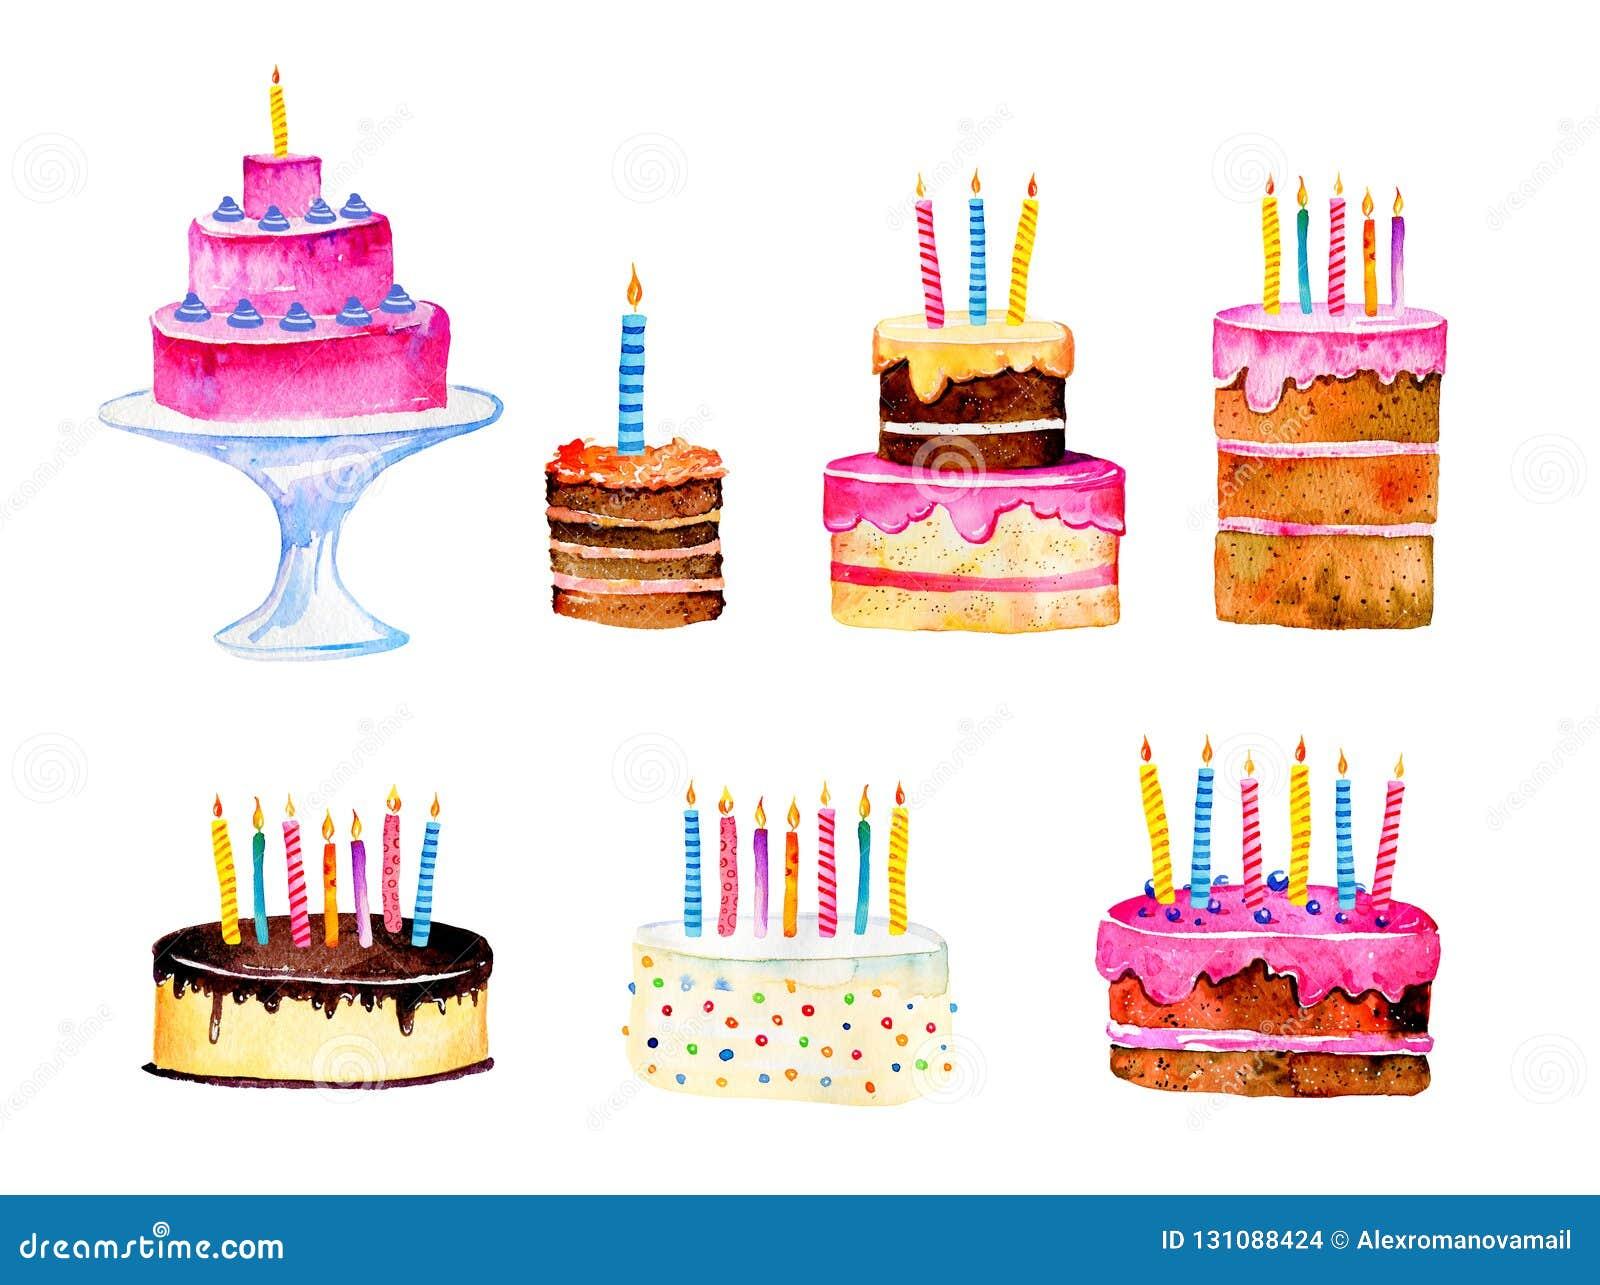 Torta Compleanno Stilizzata.Metta Delle Torte Di Compleanno Stilizzate Con Le Candele Illustrazione Di Stock Illustrazione Di Colore Invito 131088424